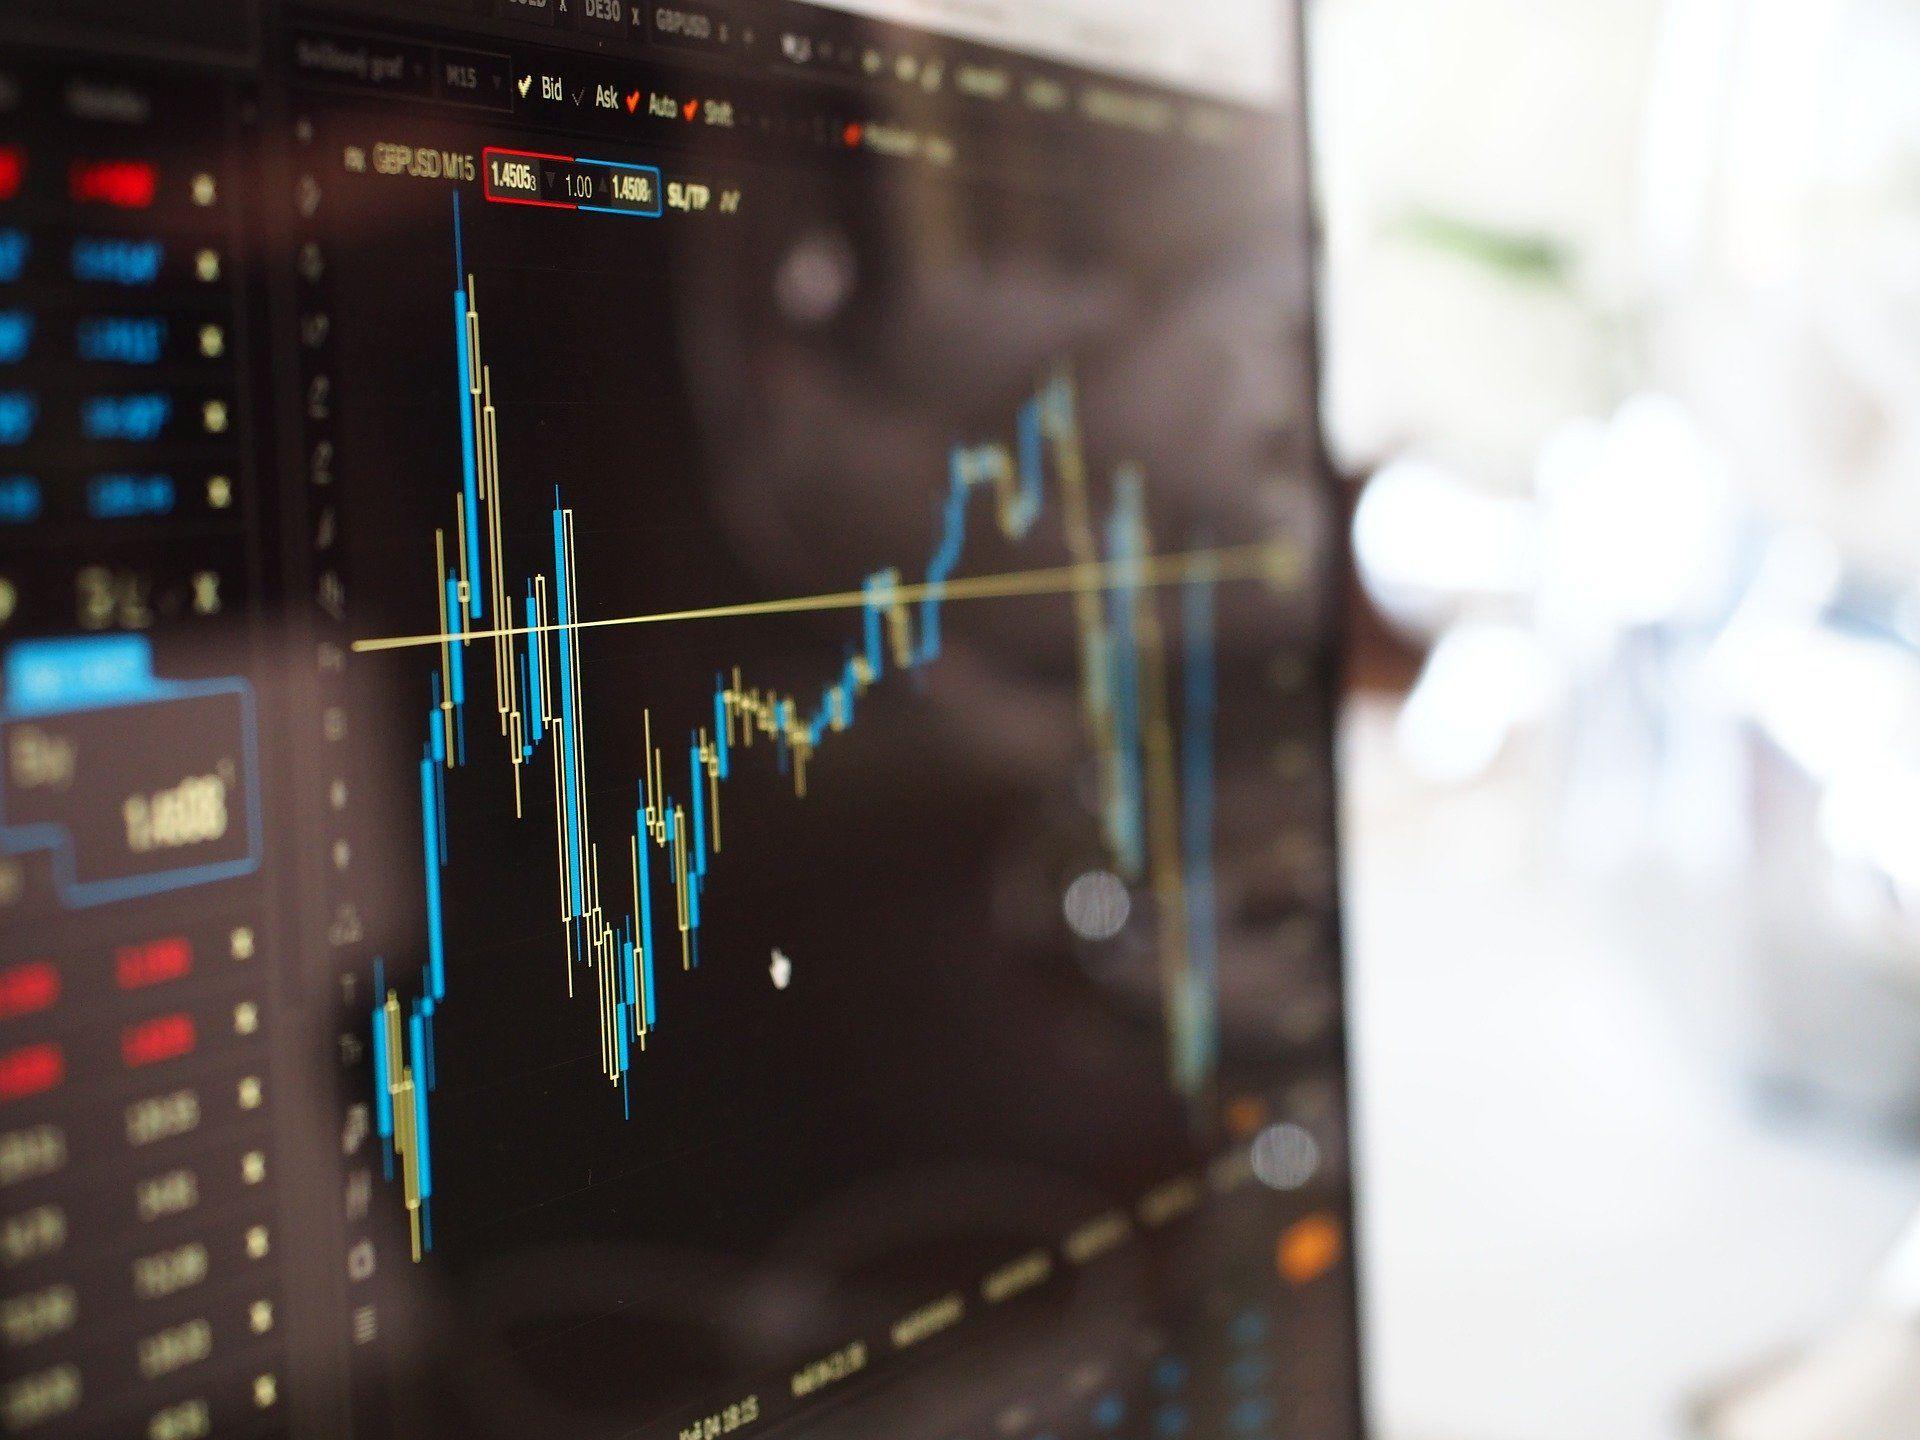 Napoved cene zlata – kako natančna je lahko in kaj vpliva nanjo?